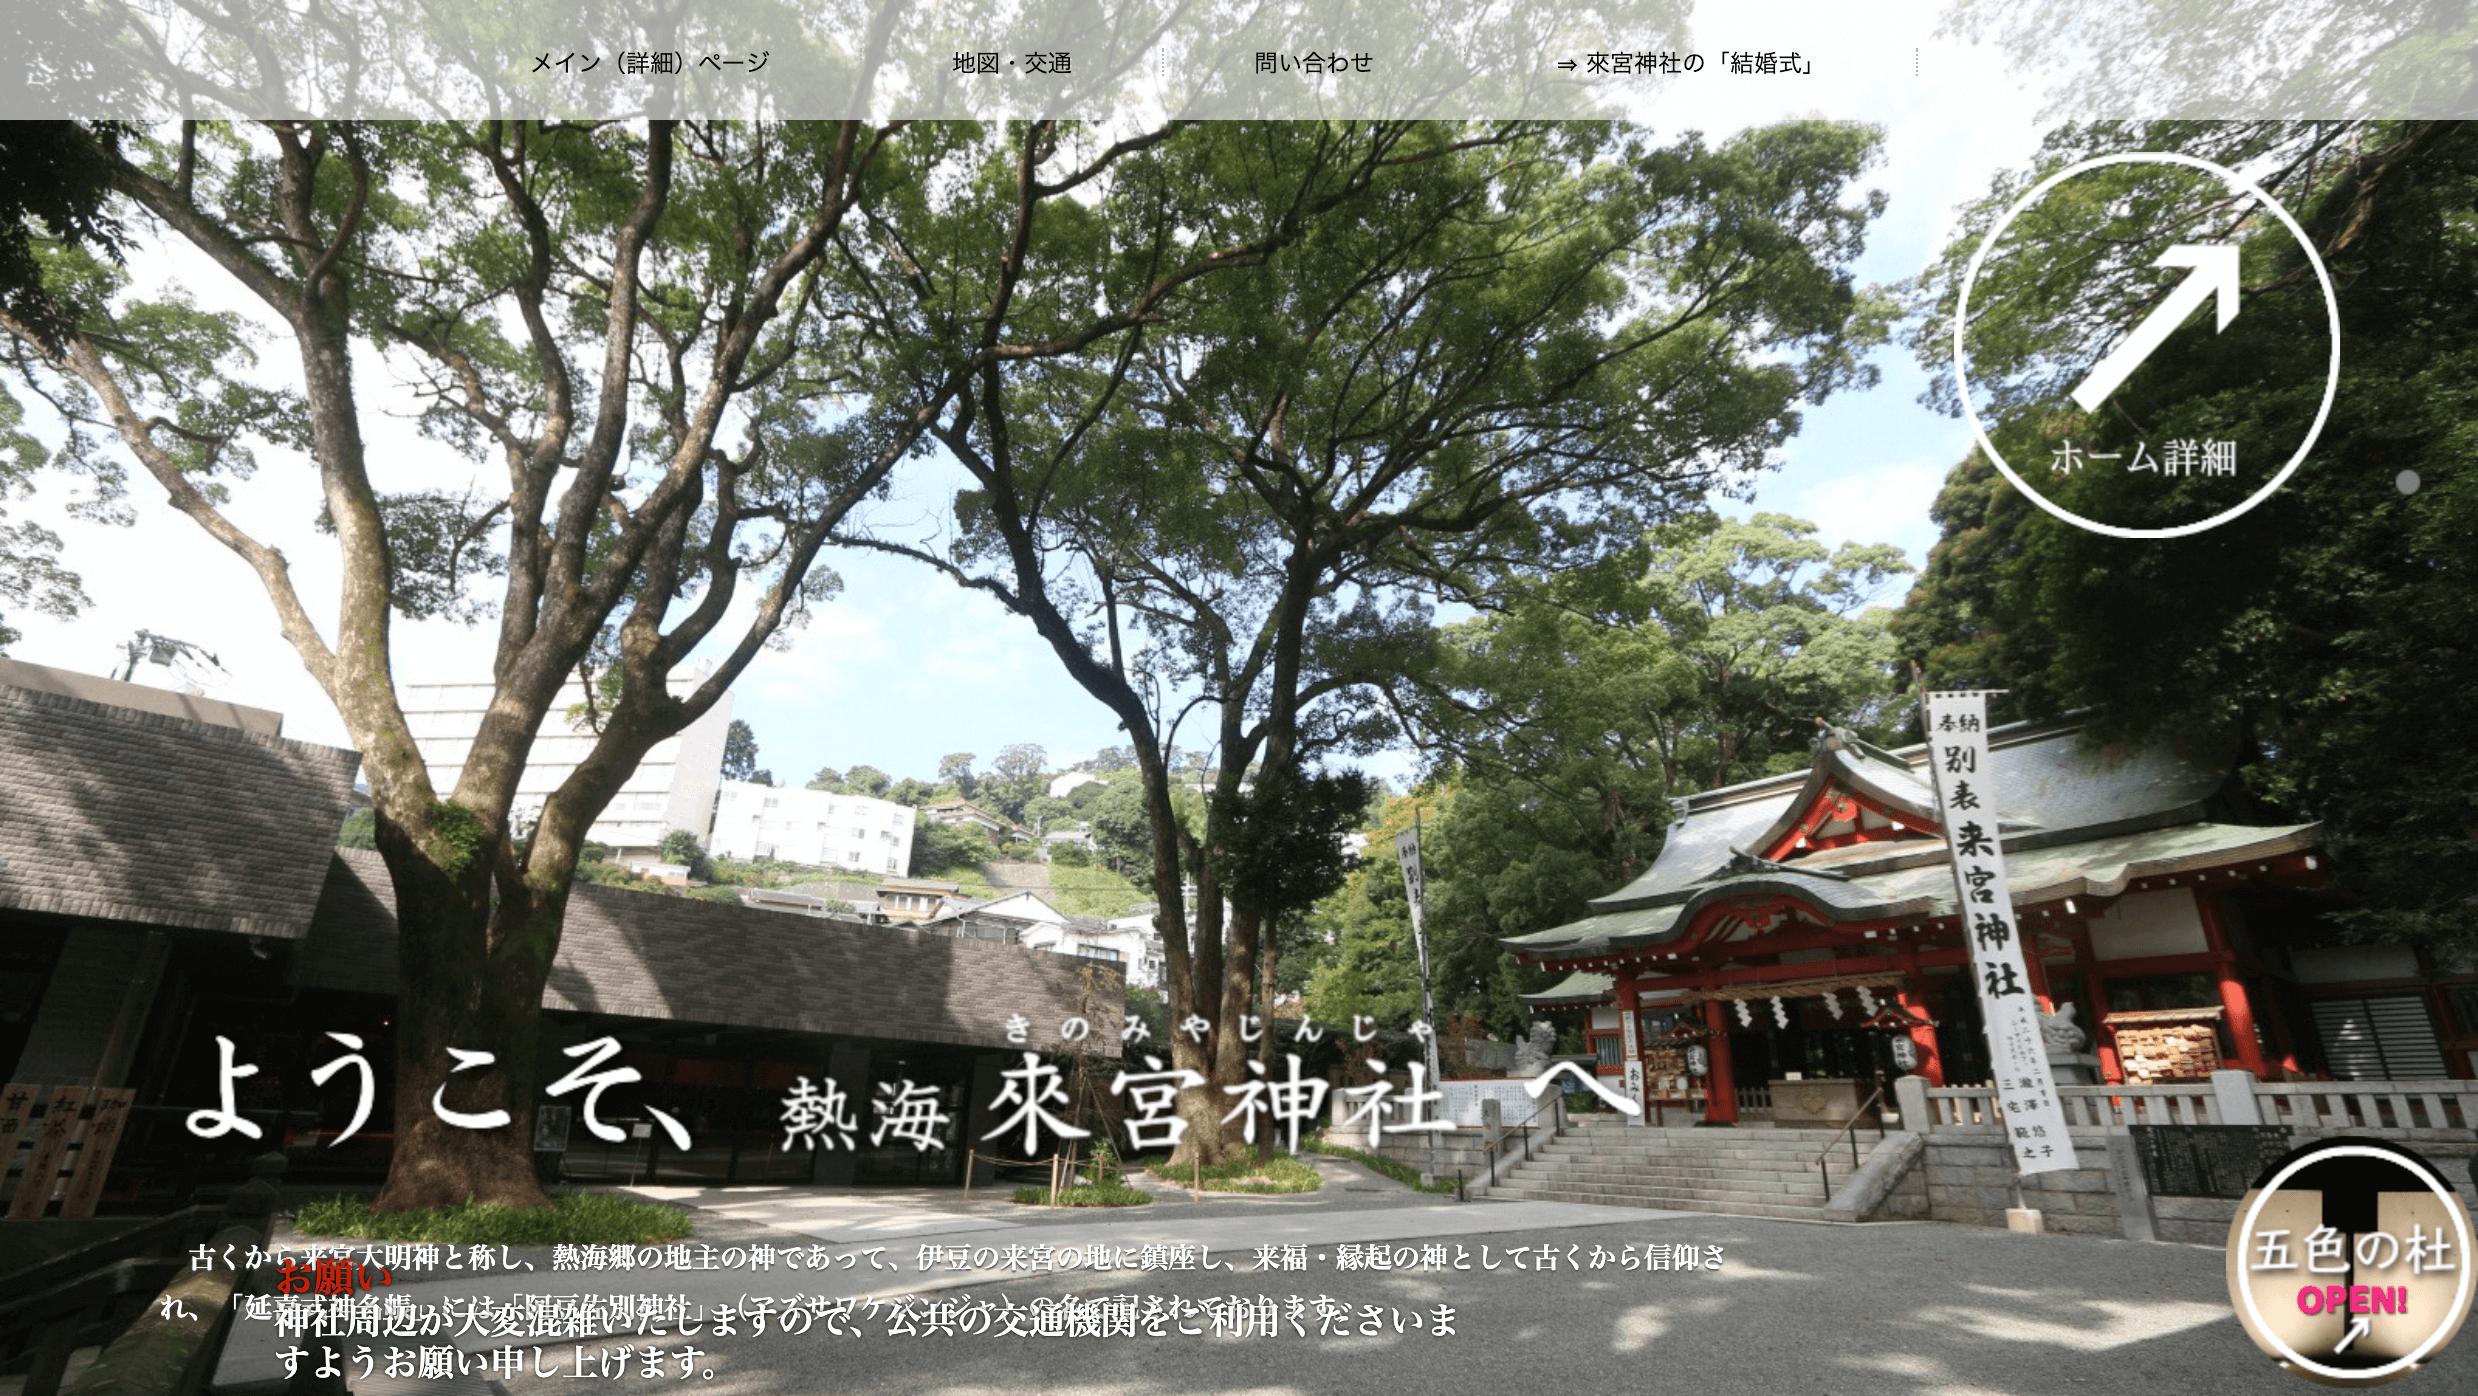 来宮神社(きのみやじんじゃ)